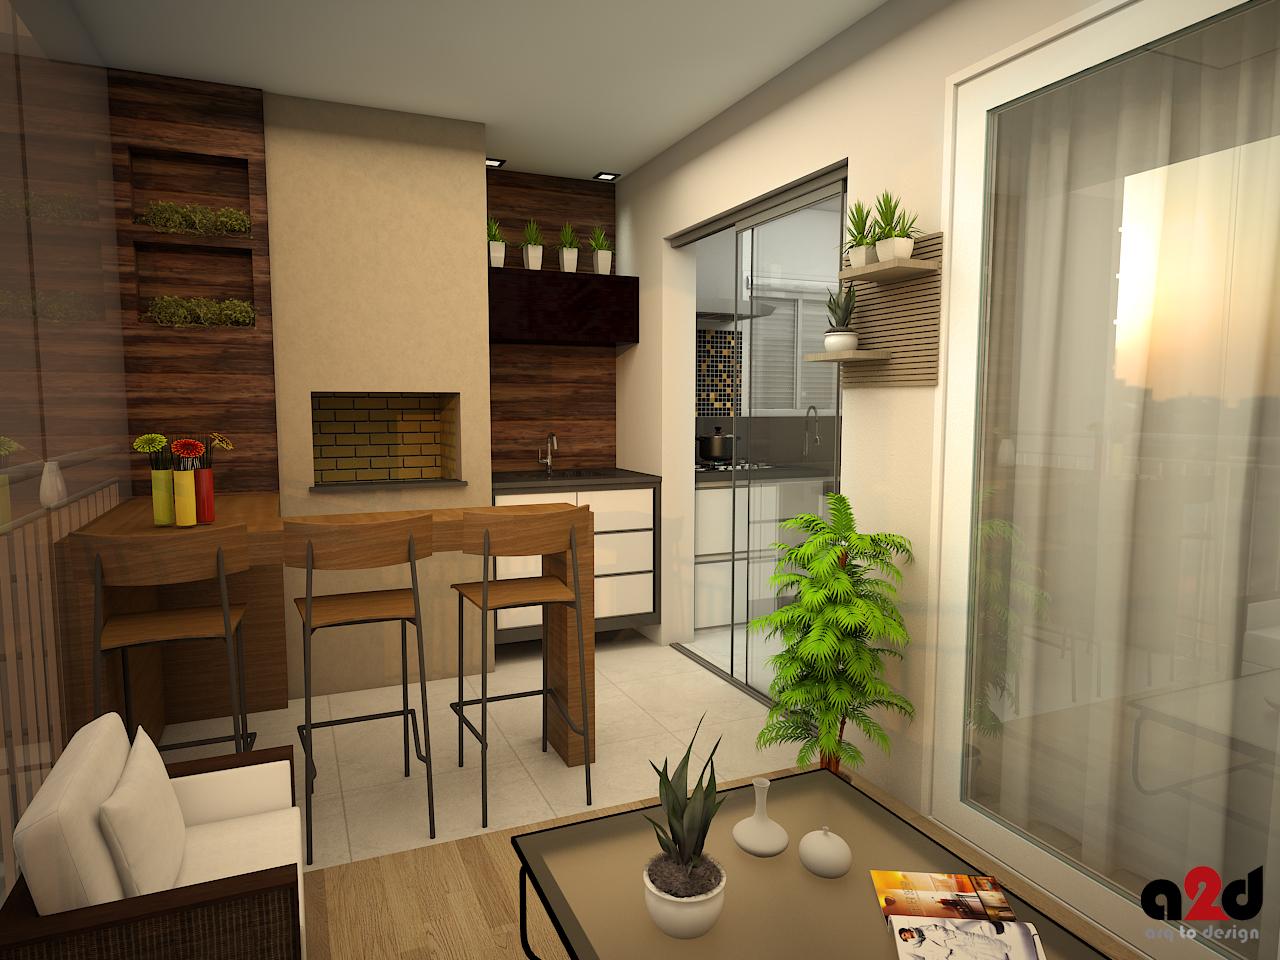 Este apartamento de 112m2 localizado próximo a uma reserva ecológica  #88B616 1280 960